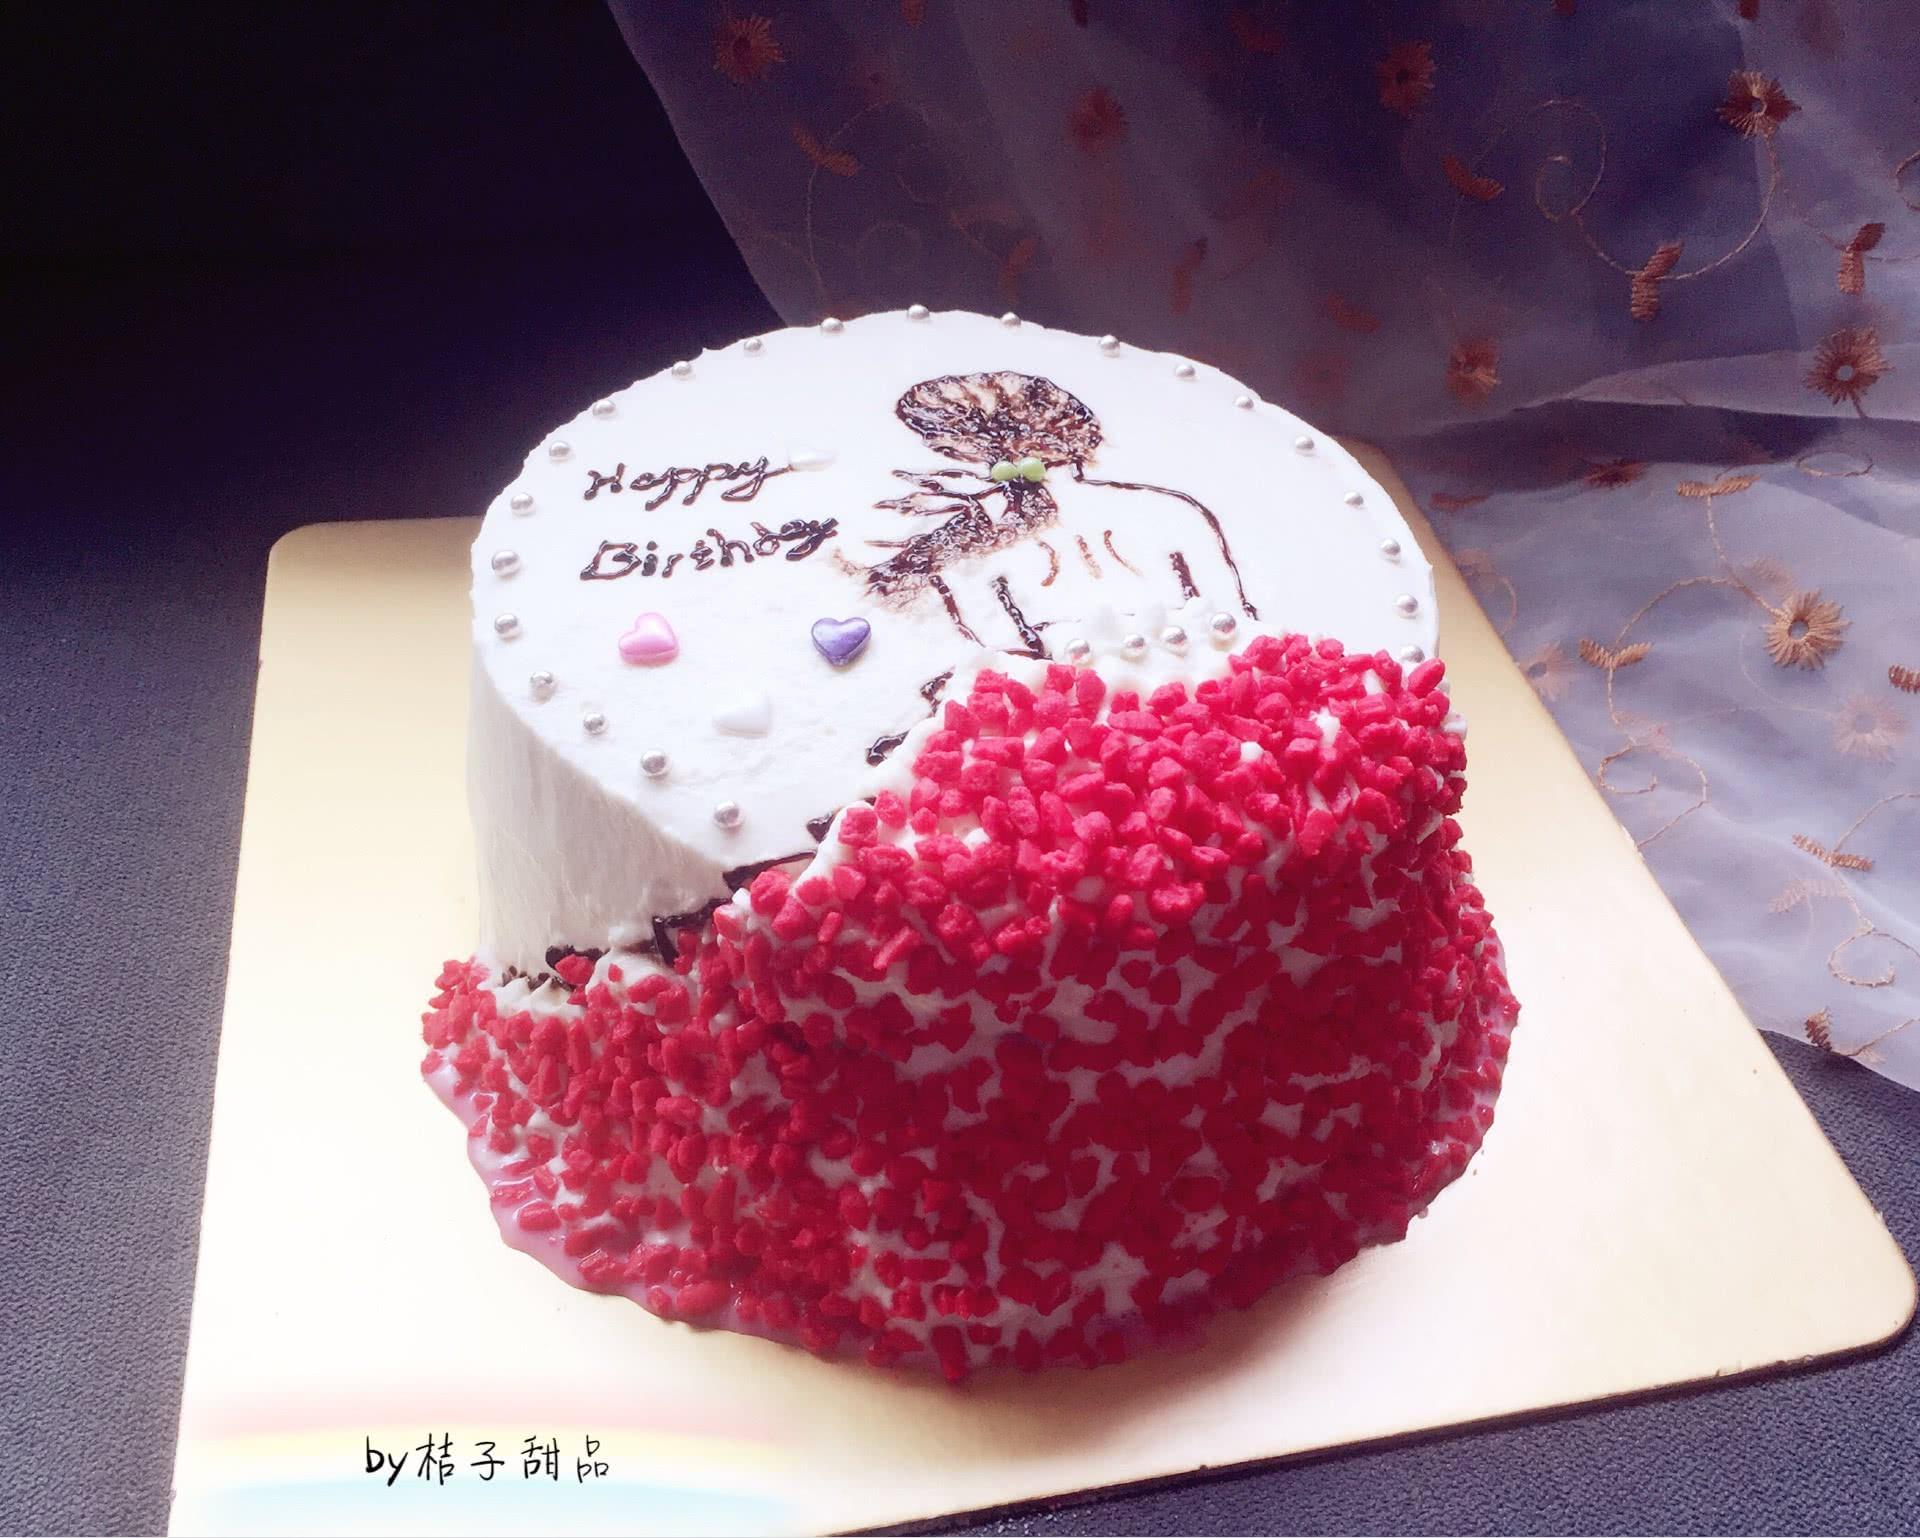 女孩背影手绘生日蛋糕(附8寸戚风详细做法)#有颜值的实力派